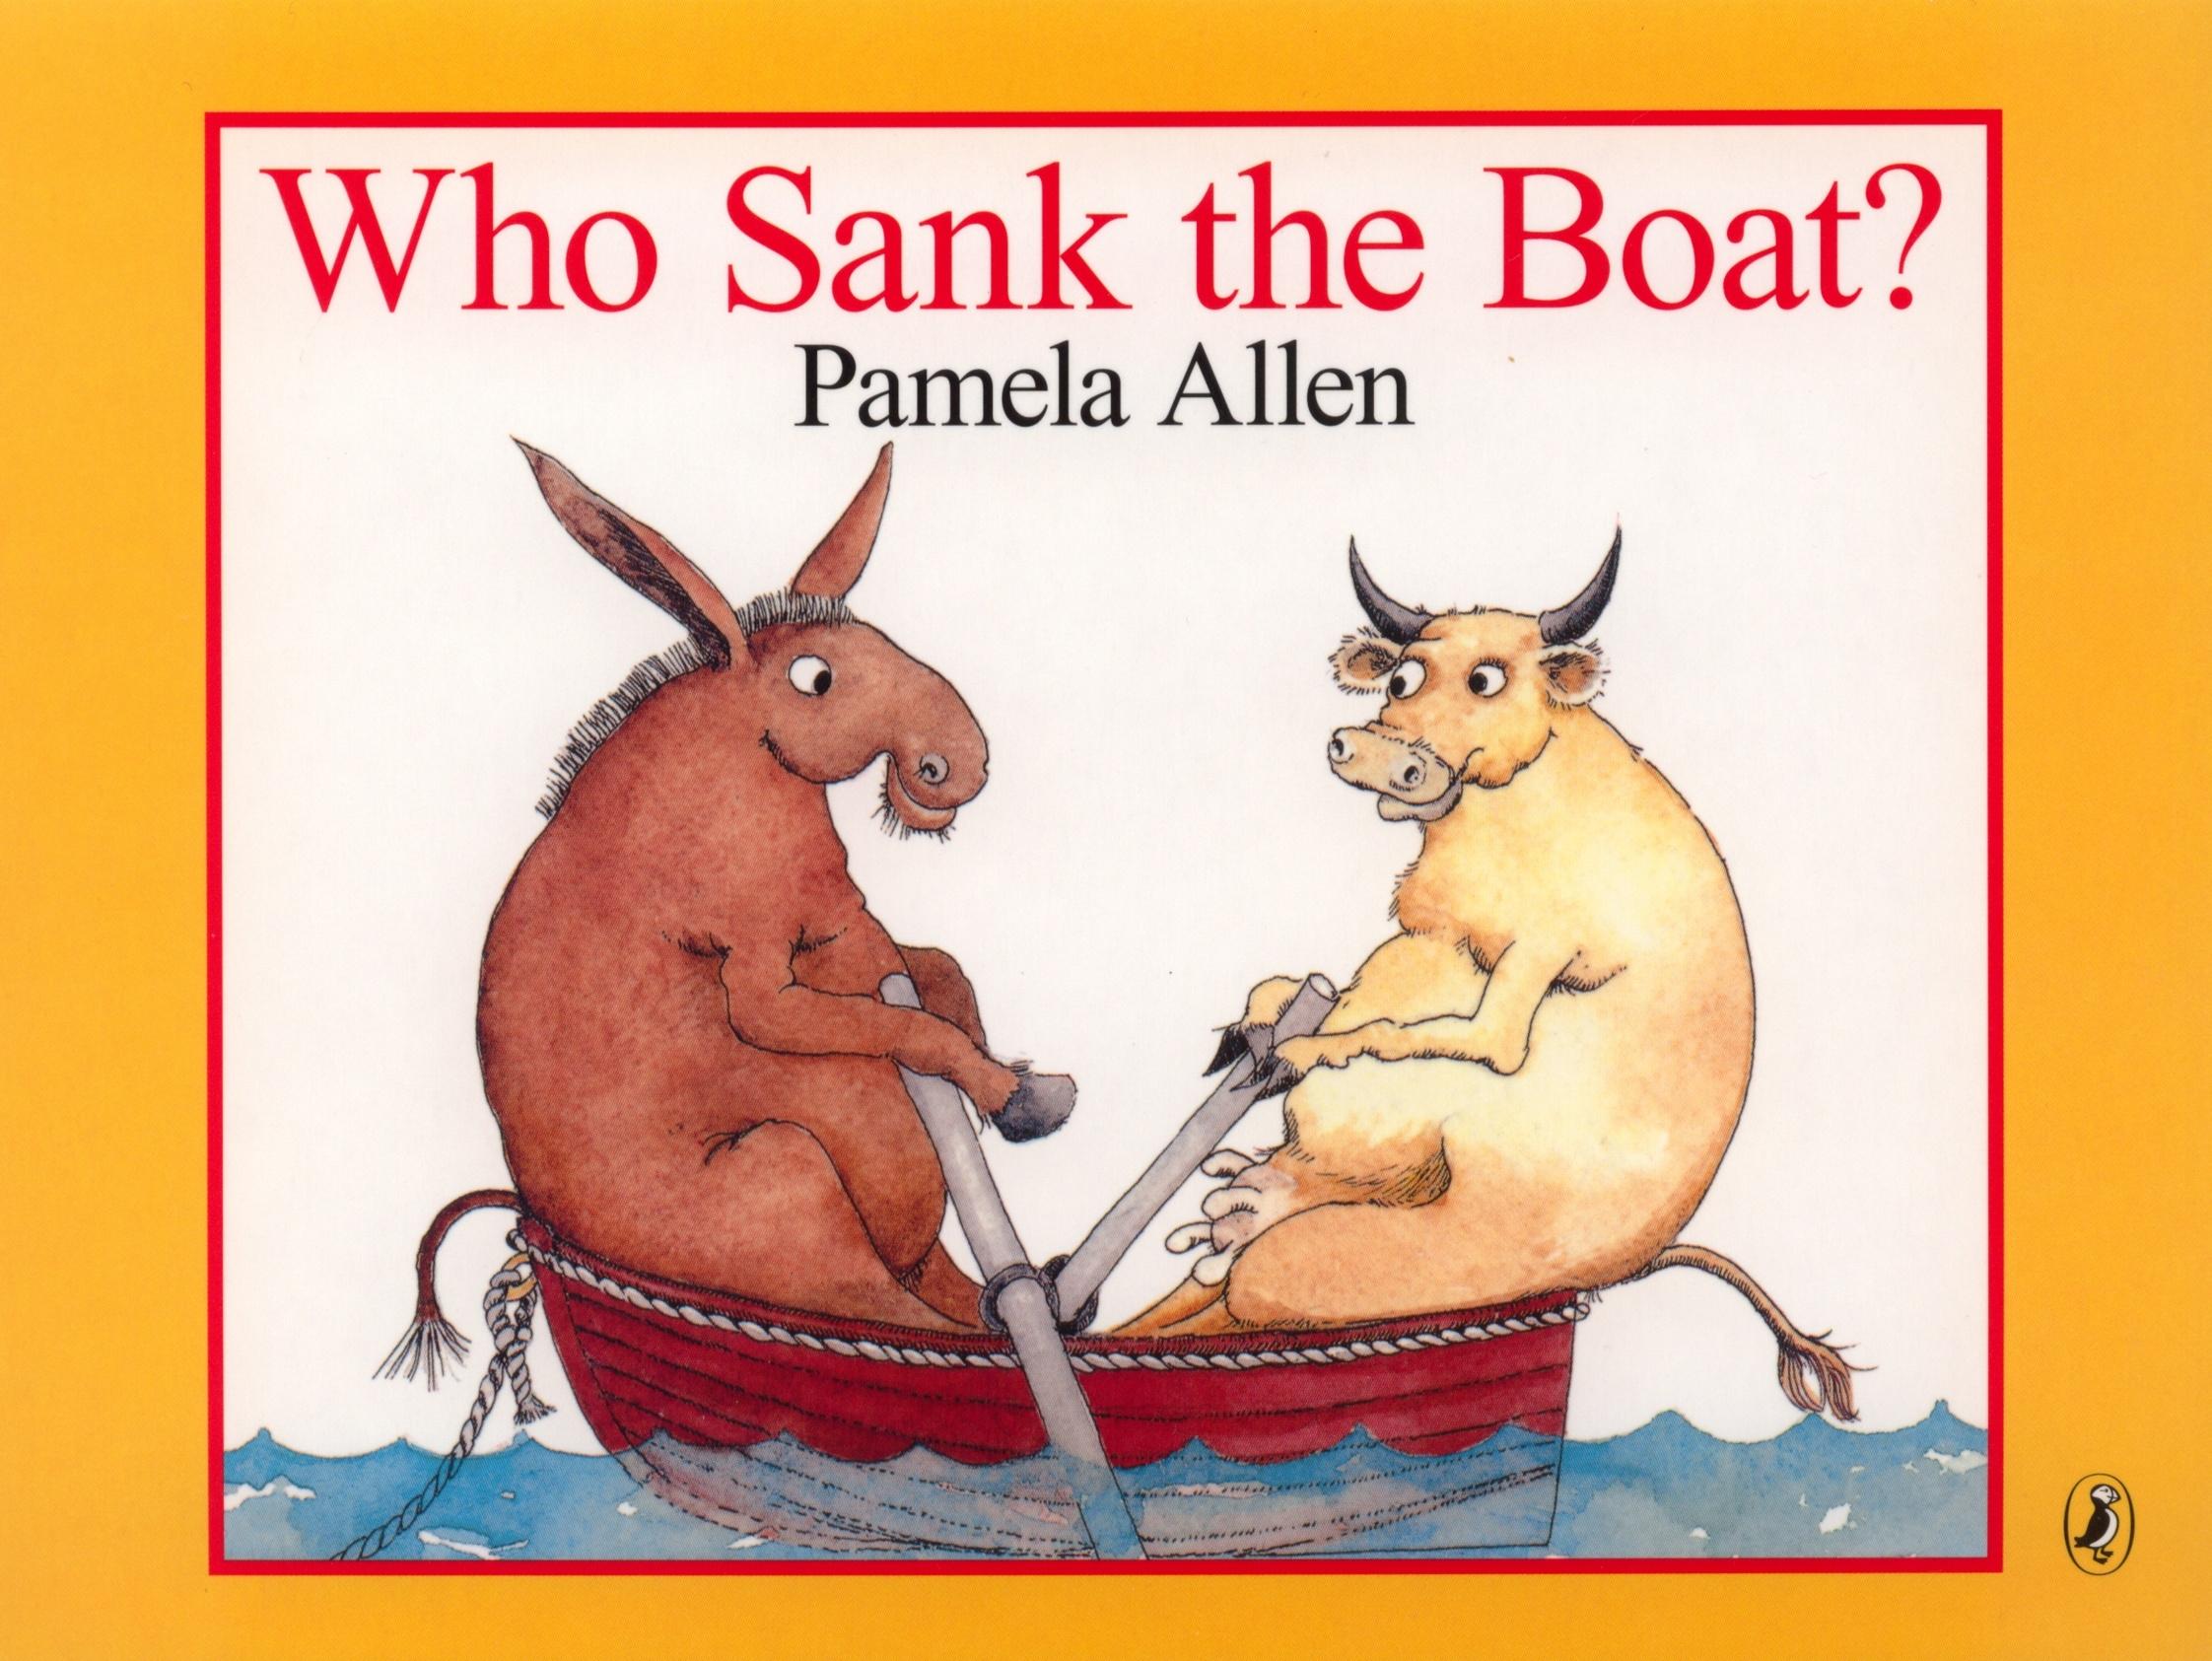 Who Sank the Boat? by Pamela Allen - Penguin Books Australia